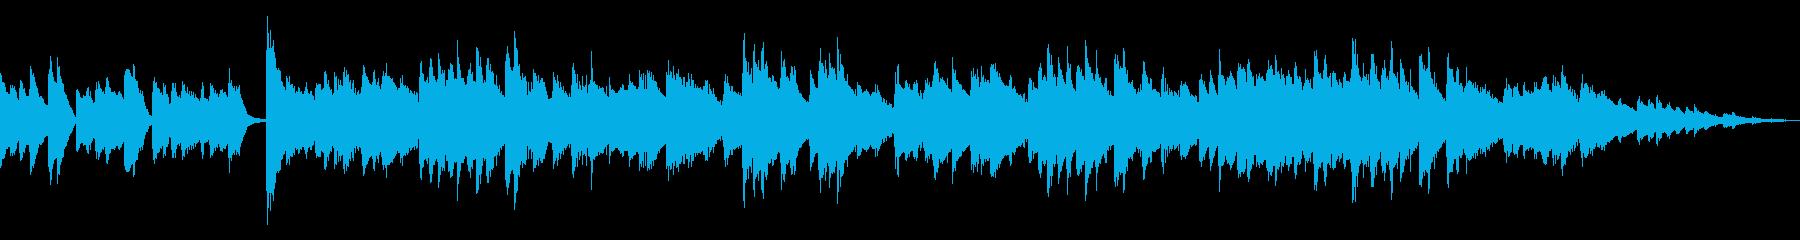 ジ・エンターテイナー (短尺1100円)の再生済みの波形